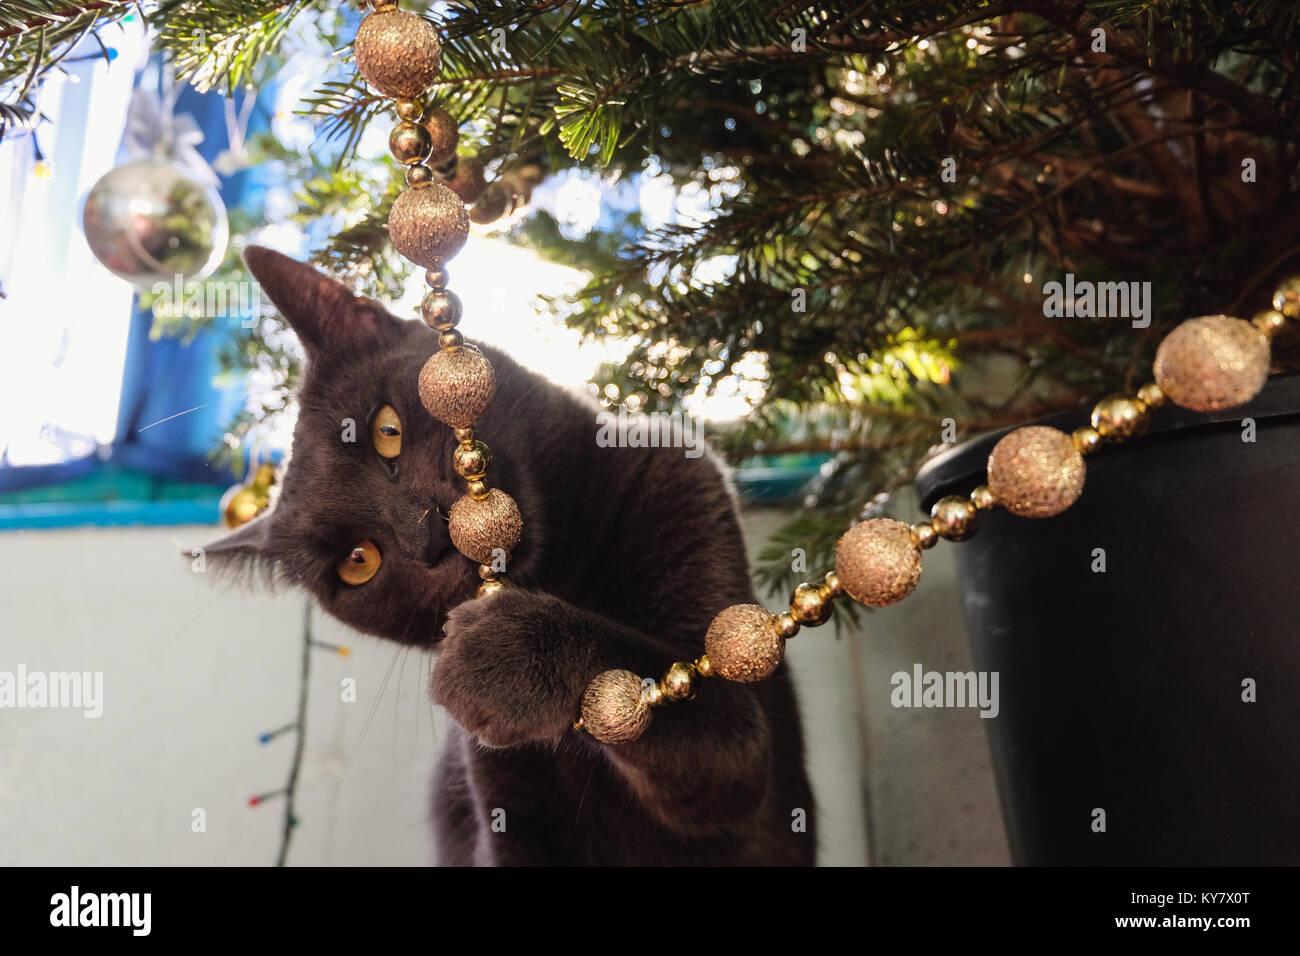 Russisch Blau Katze Suchen Defiant Beim Kauen Auf Christbaumschmuck